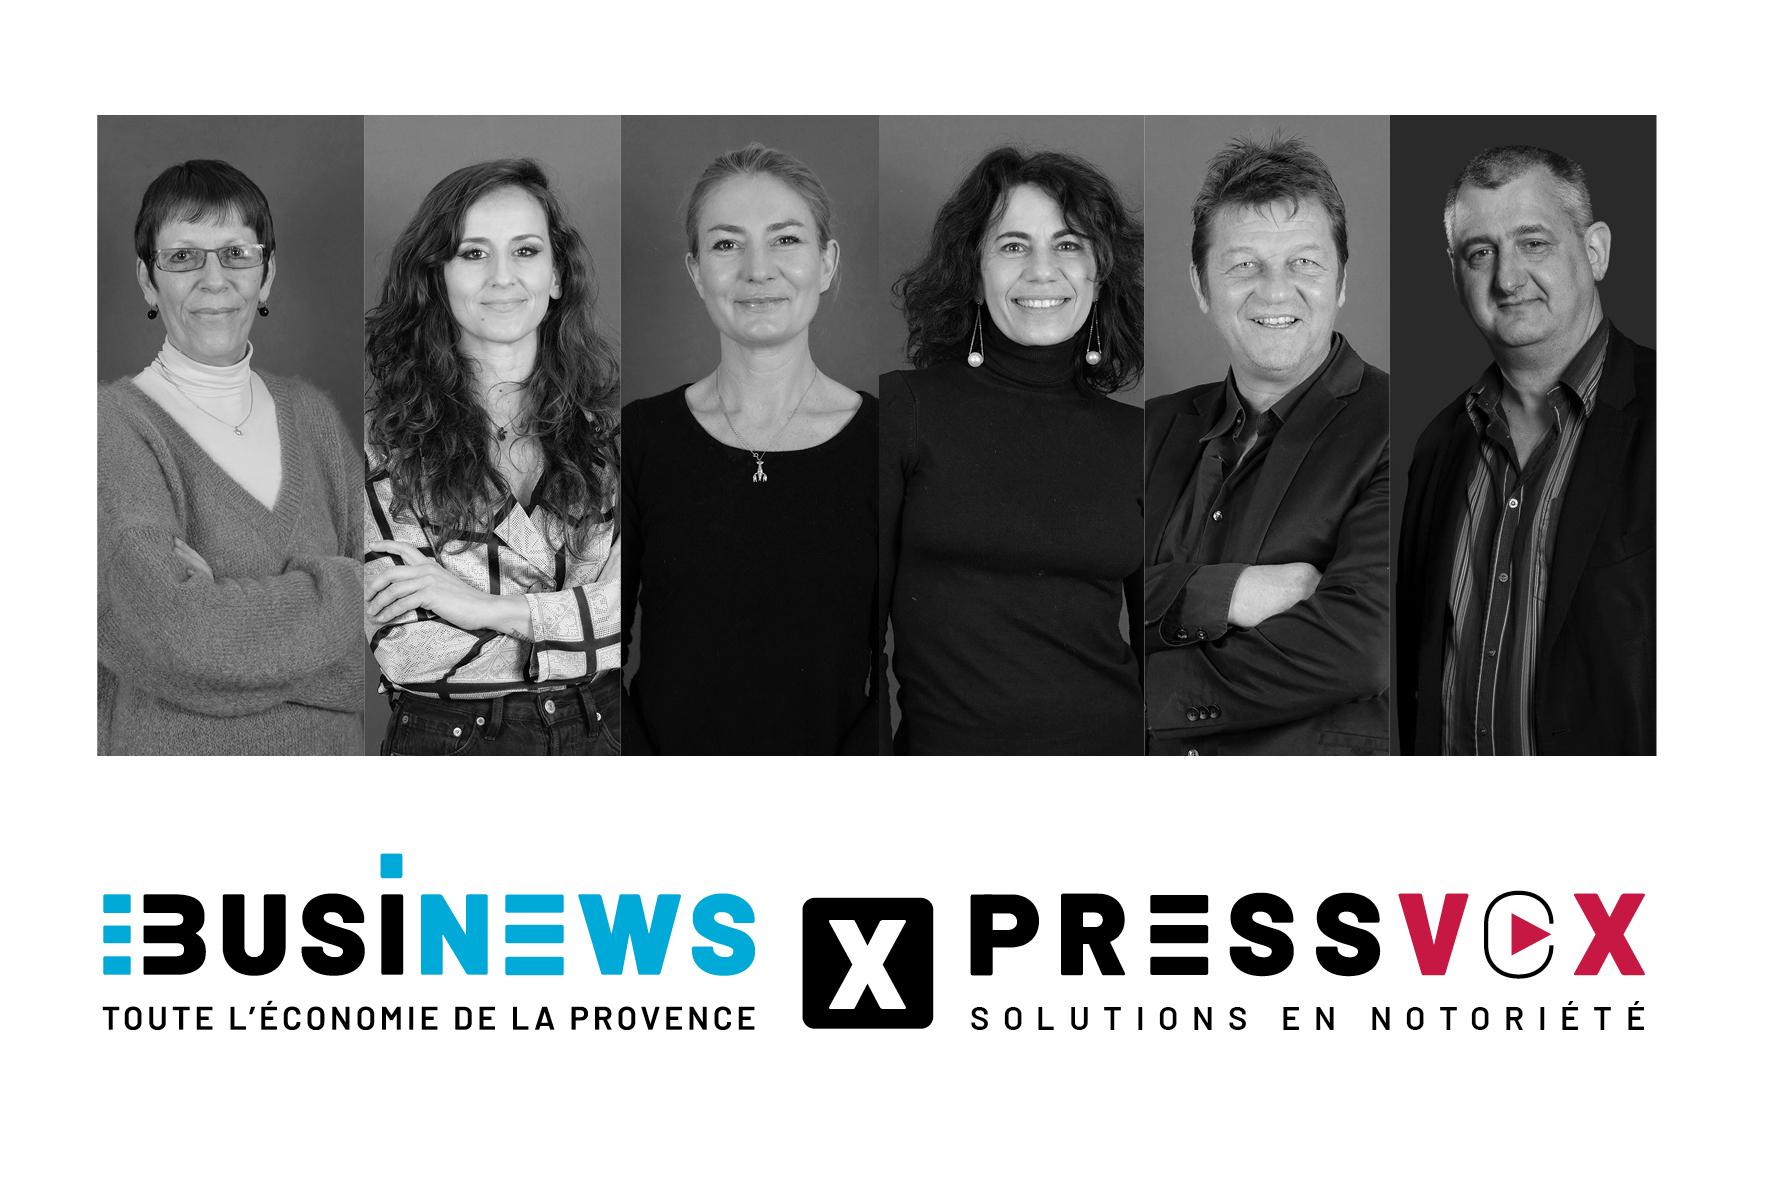 Presse, média training, visibilité: 4 ateliers pour faire la différence !